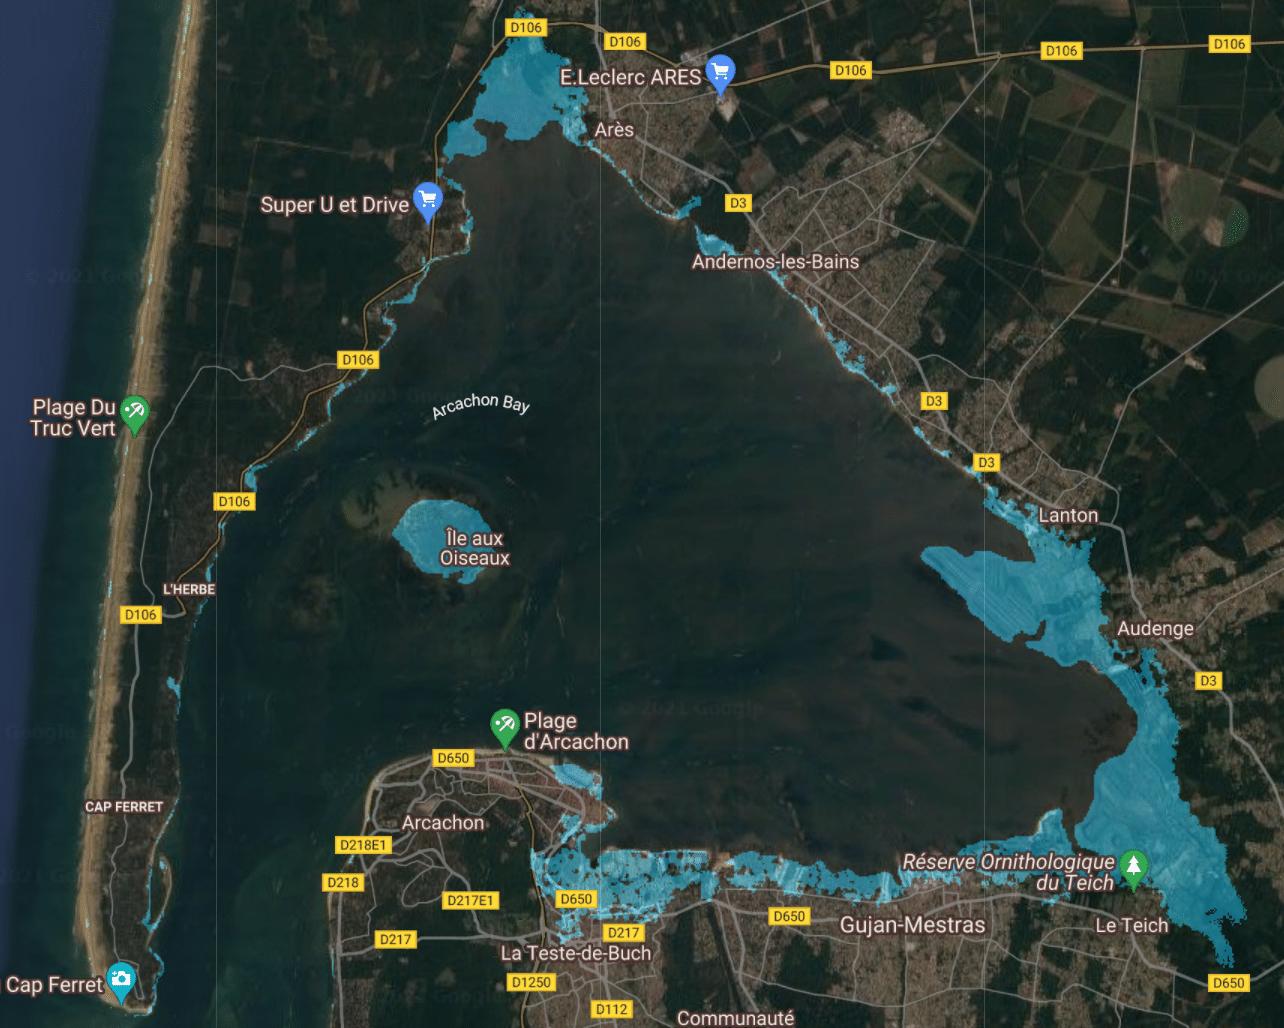 montée niveau de la mer france bassin arcachon 2